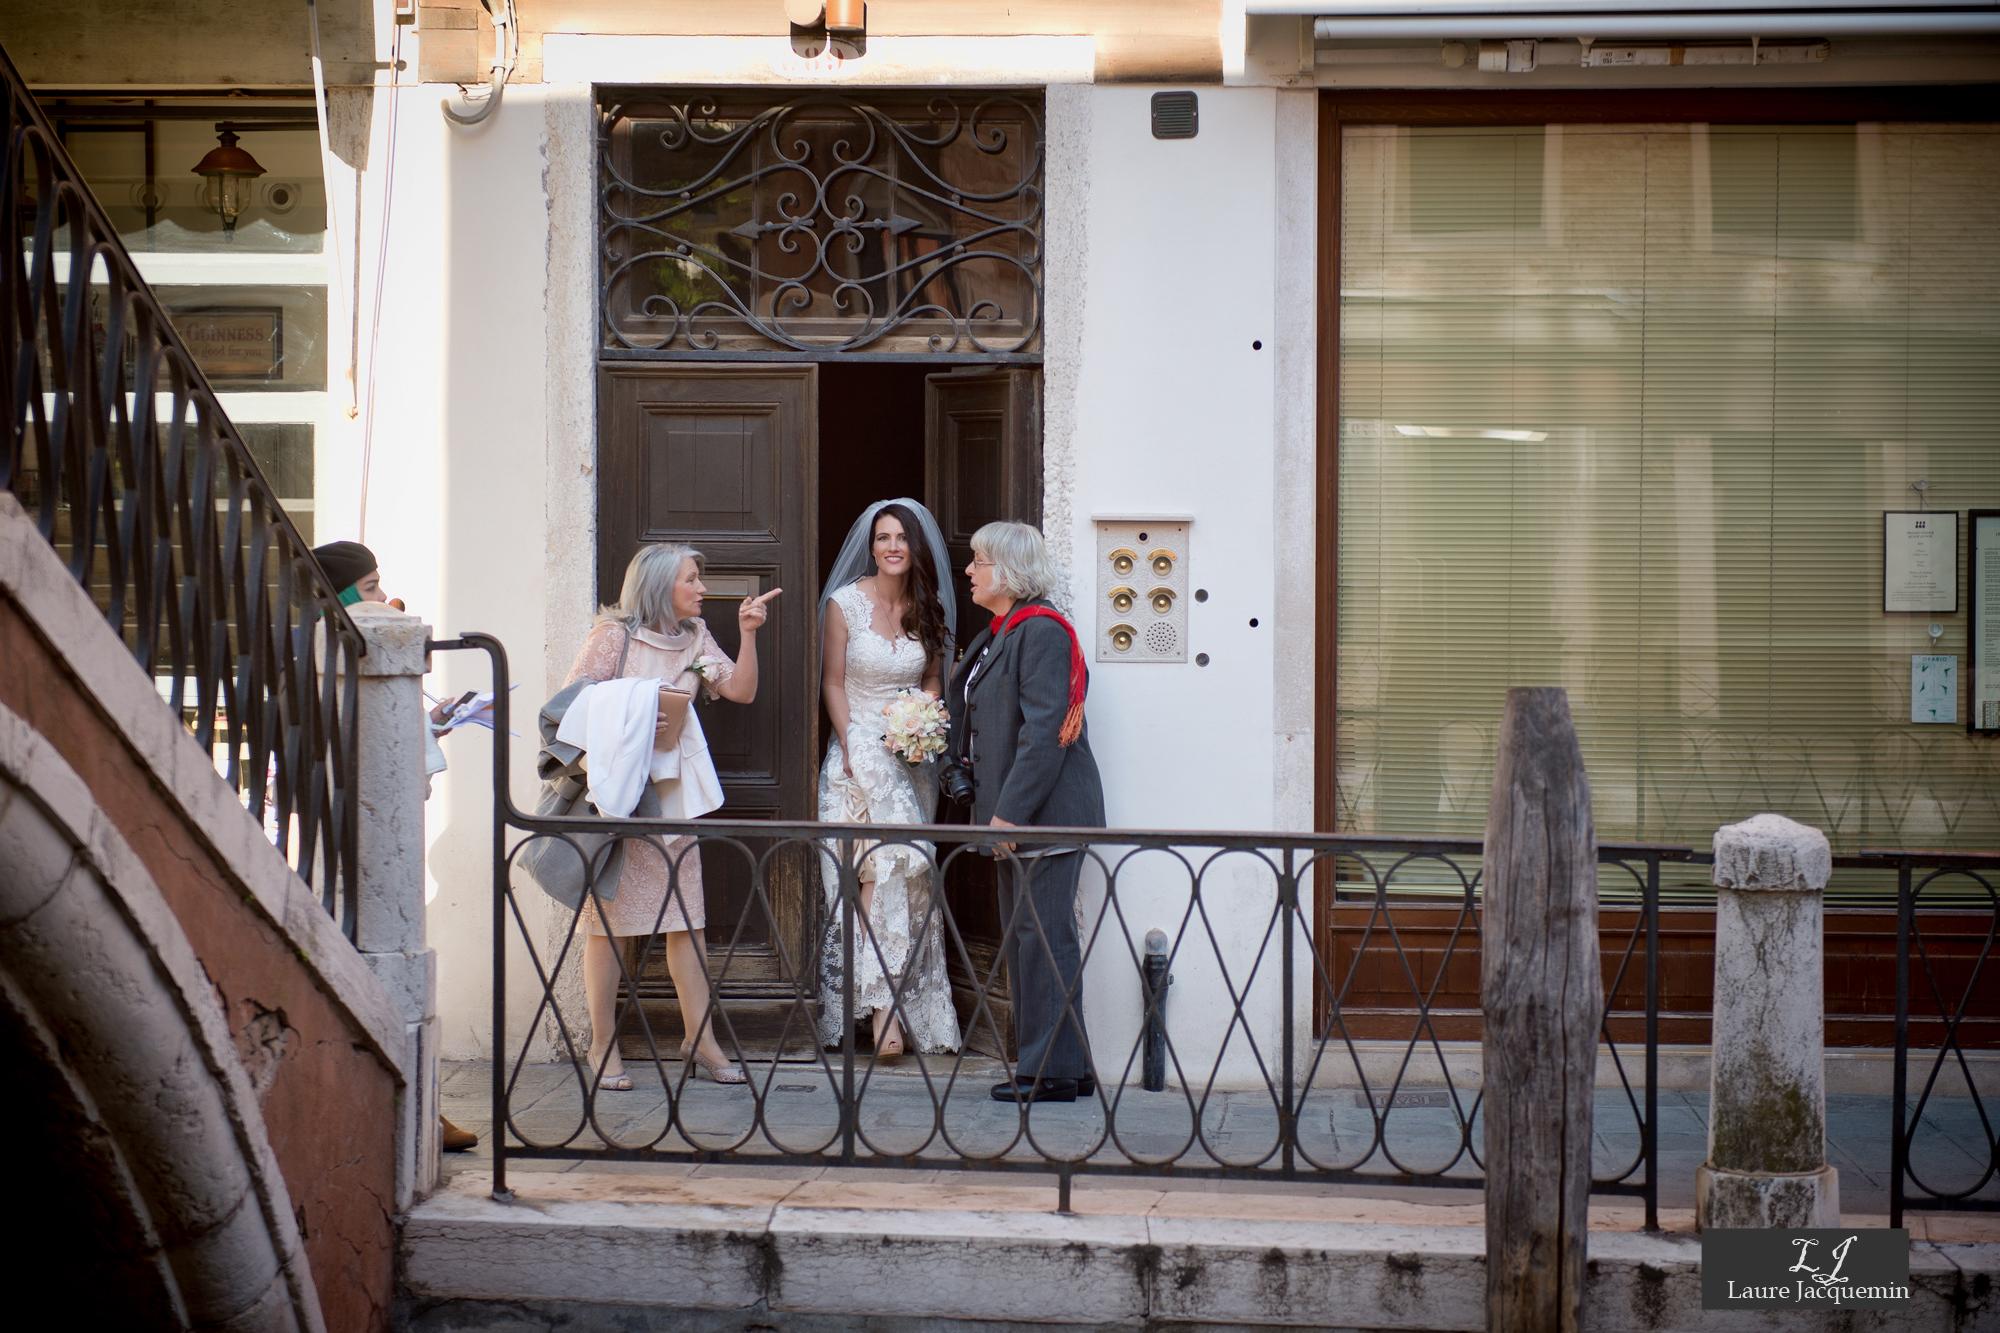 photographe mariage laure jacquemin palazzo cavalli service photographique (1)